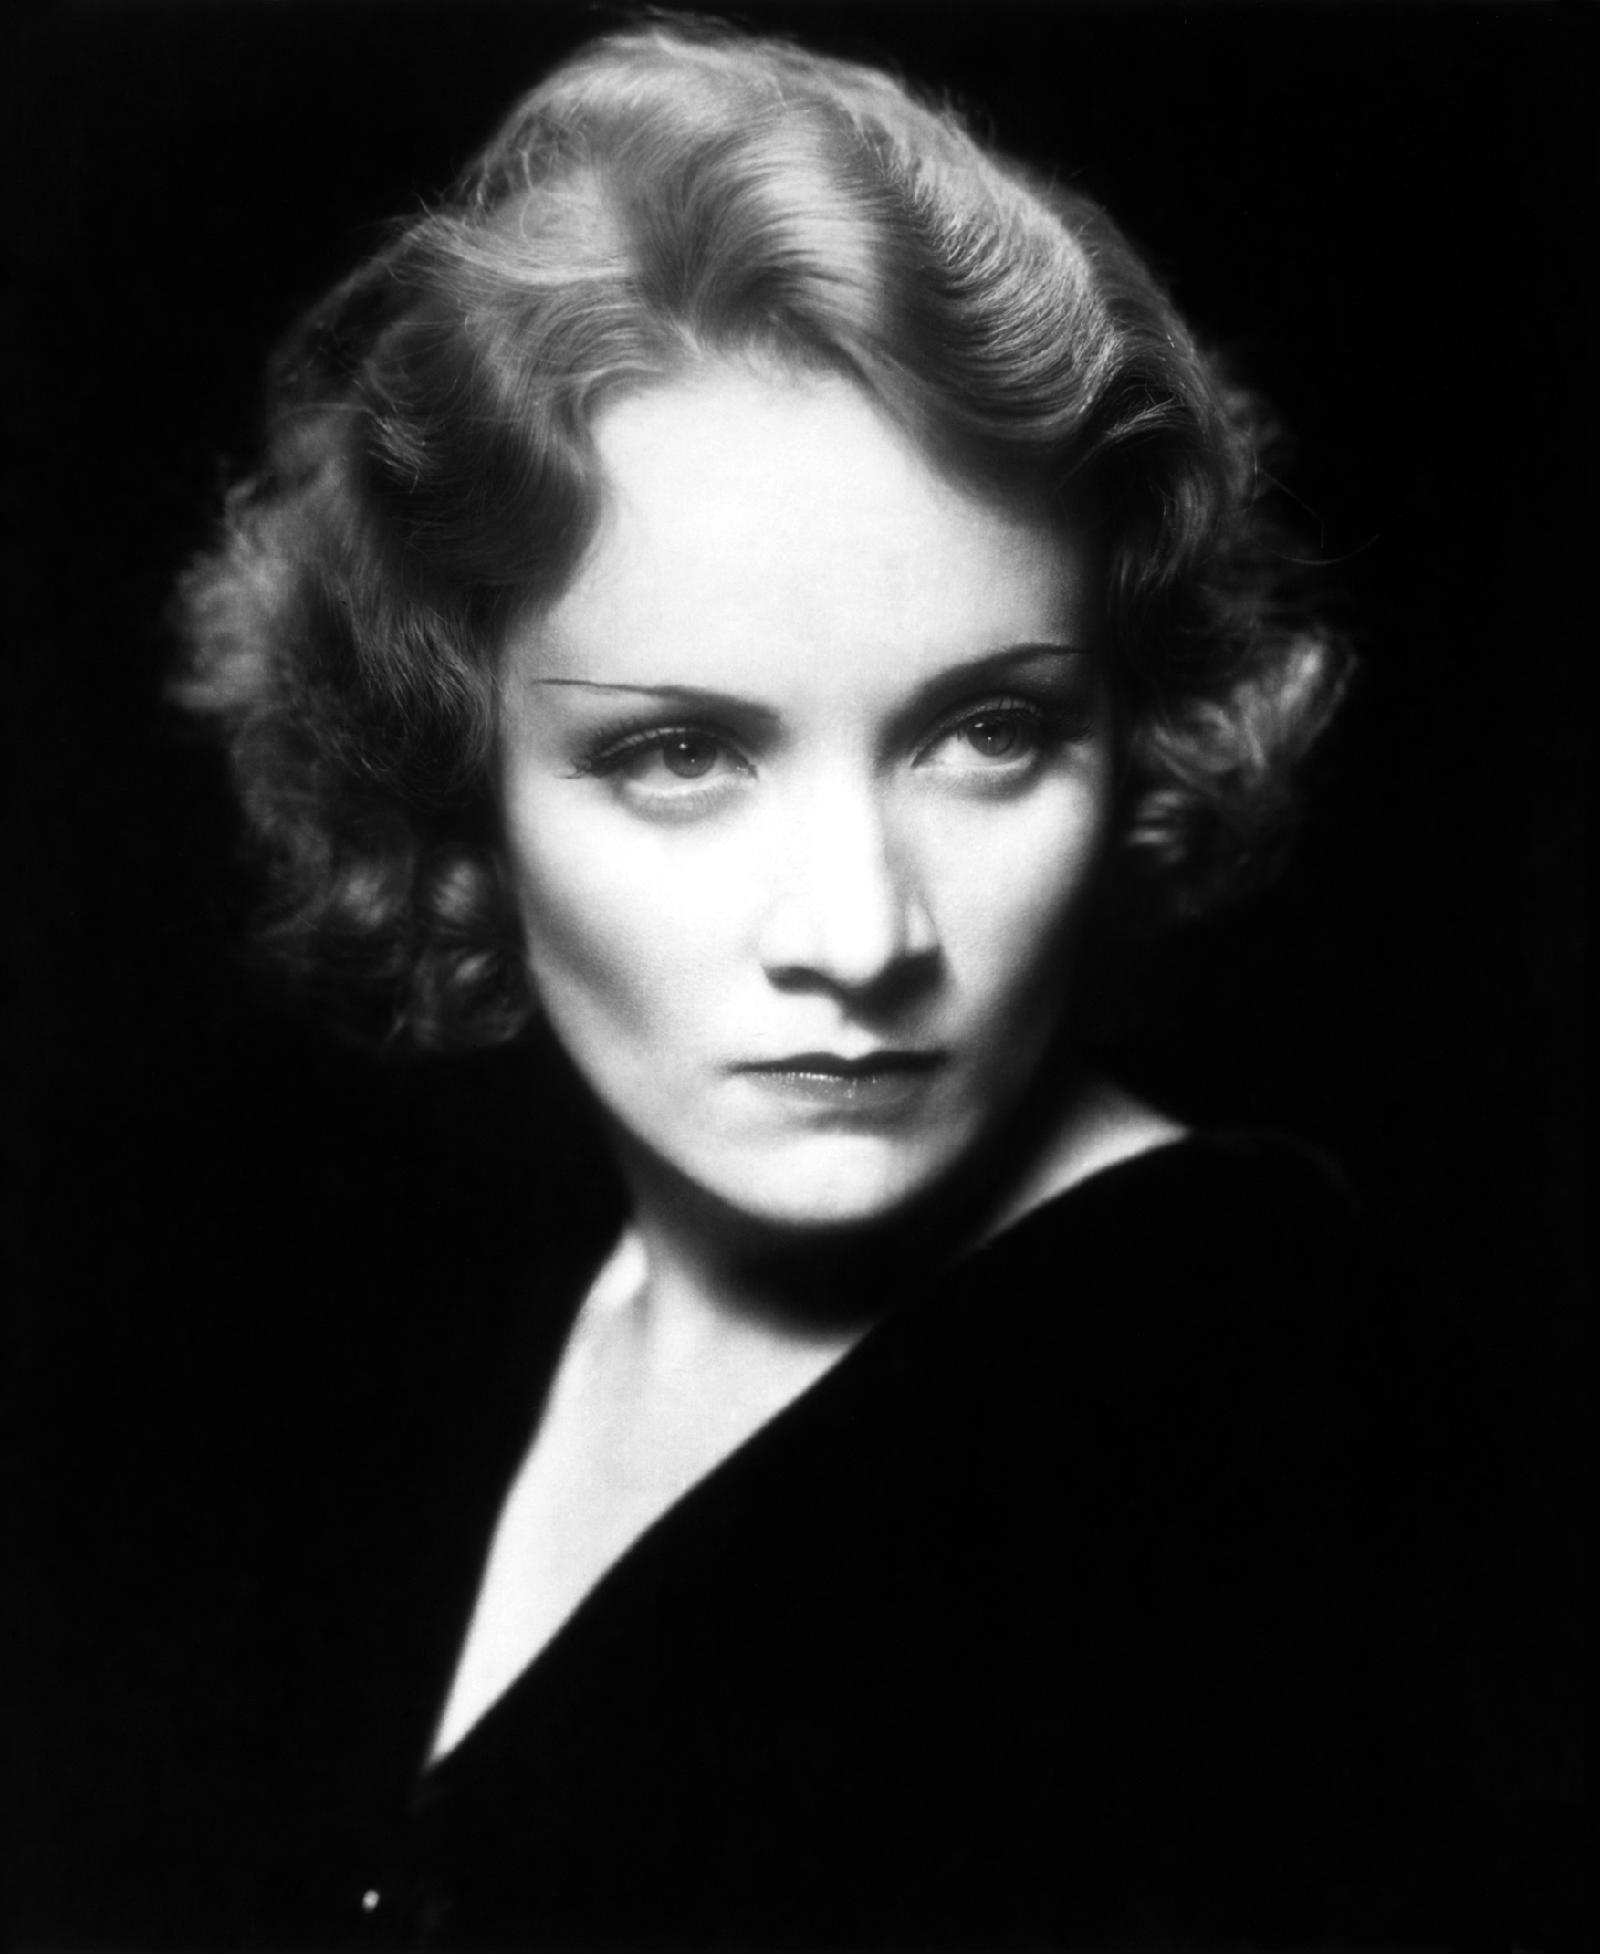 美国电影学会评选的百年来最伟大的女演员排名